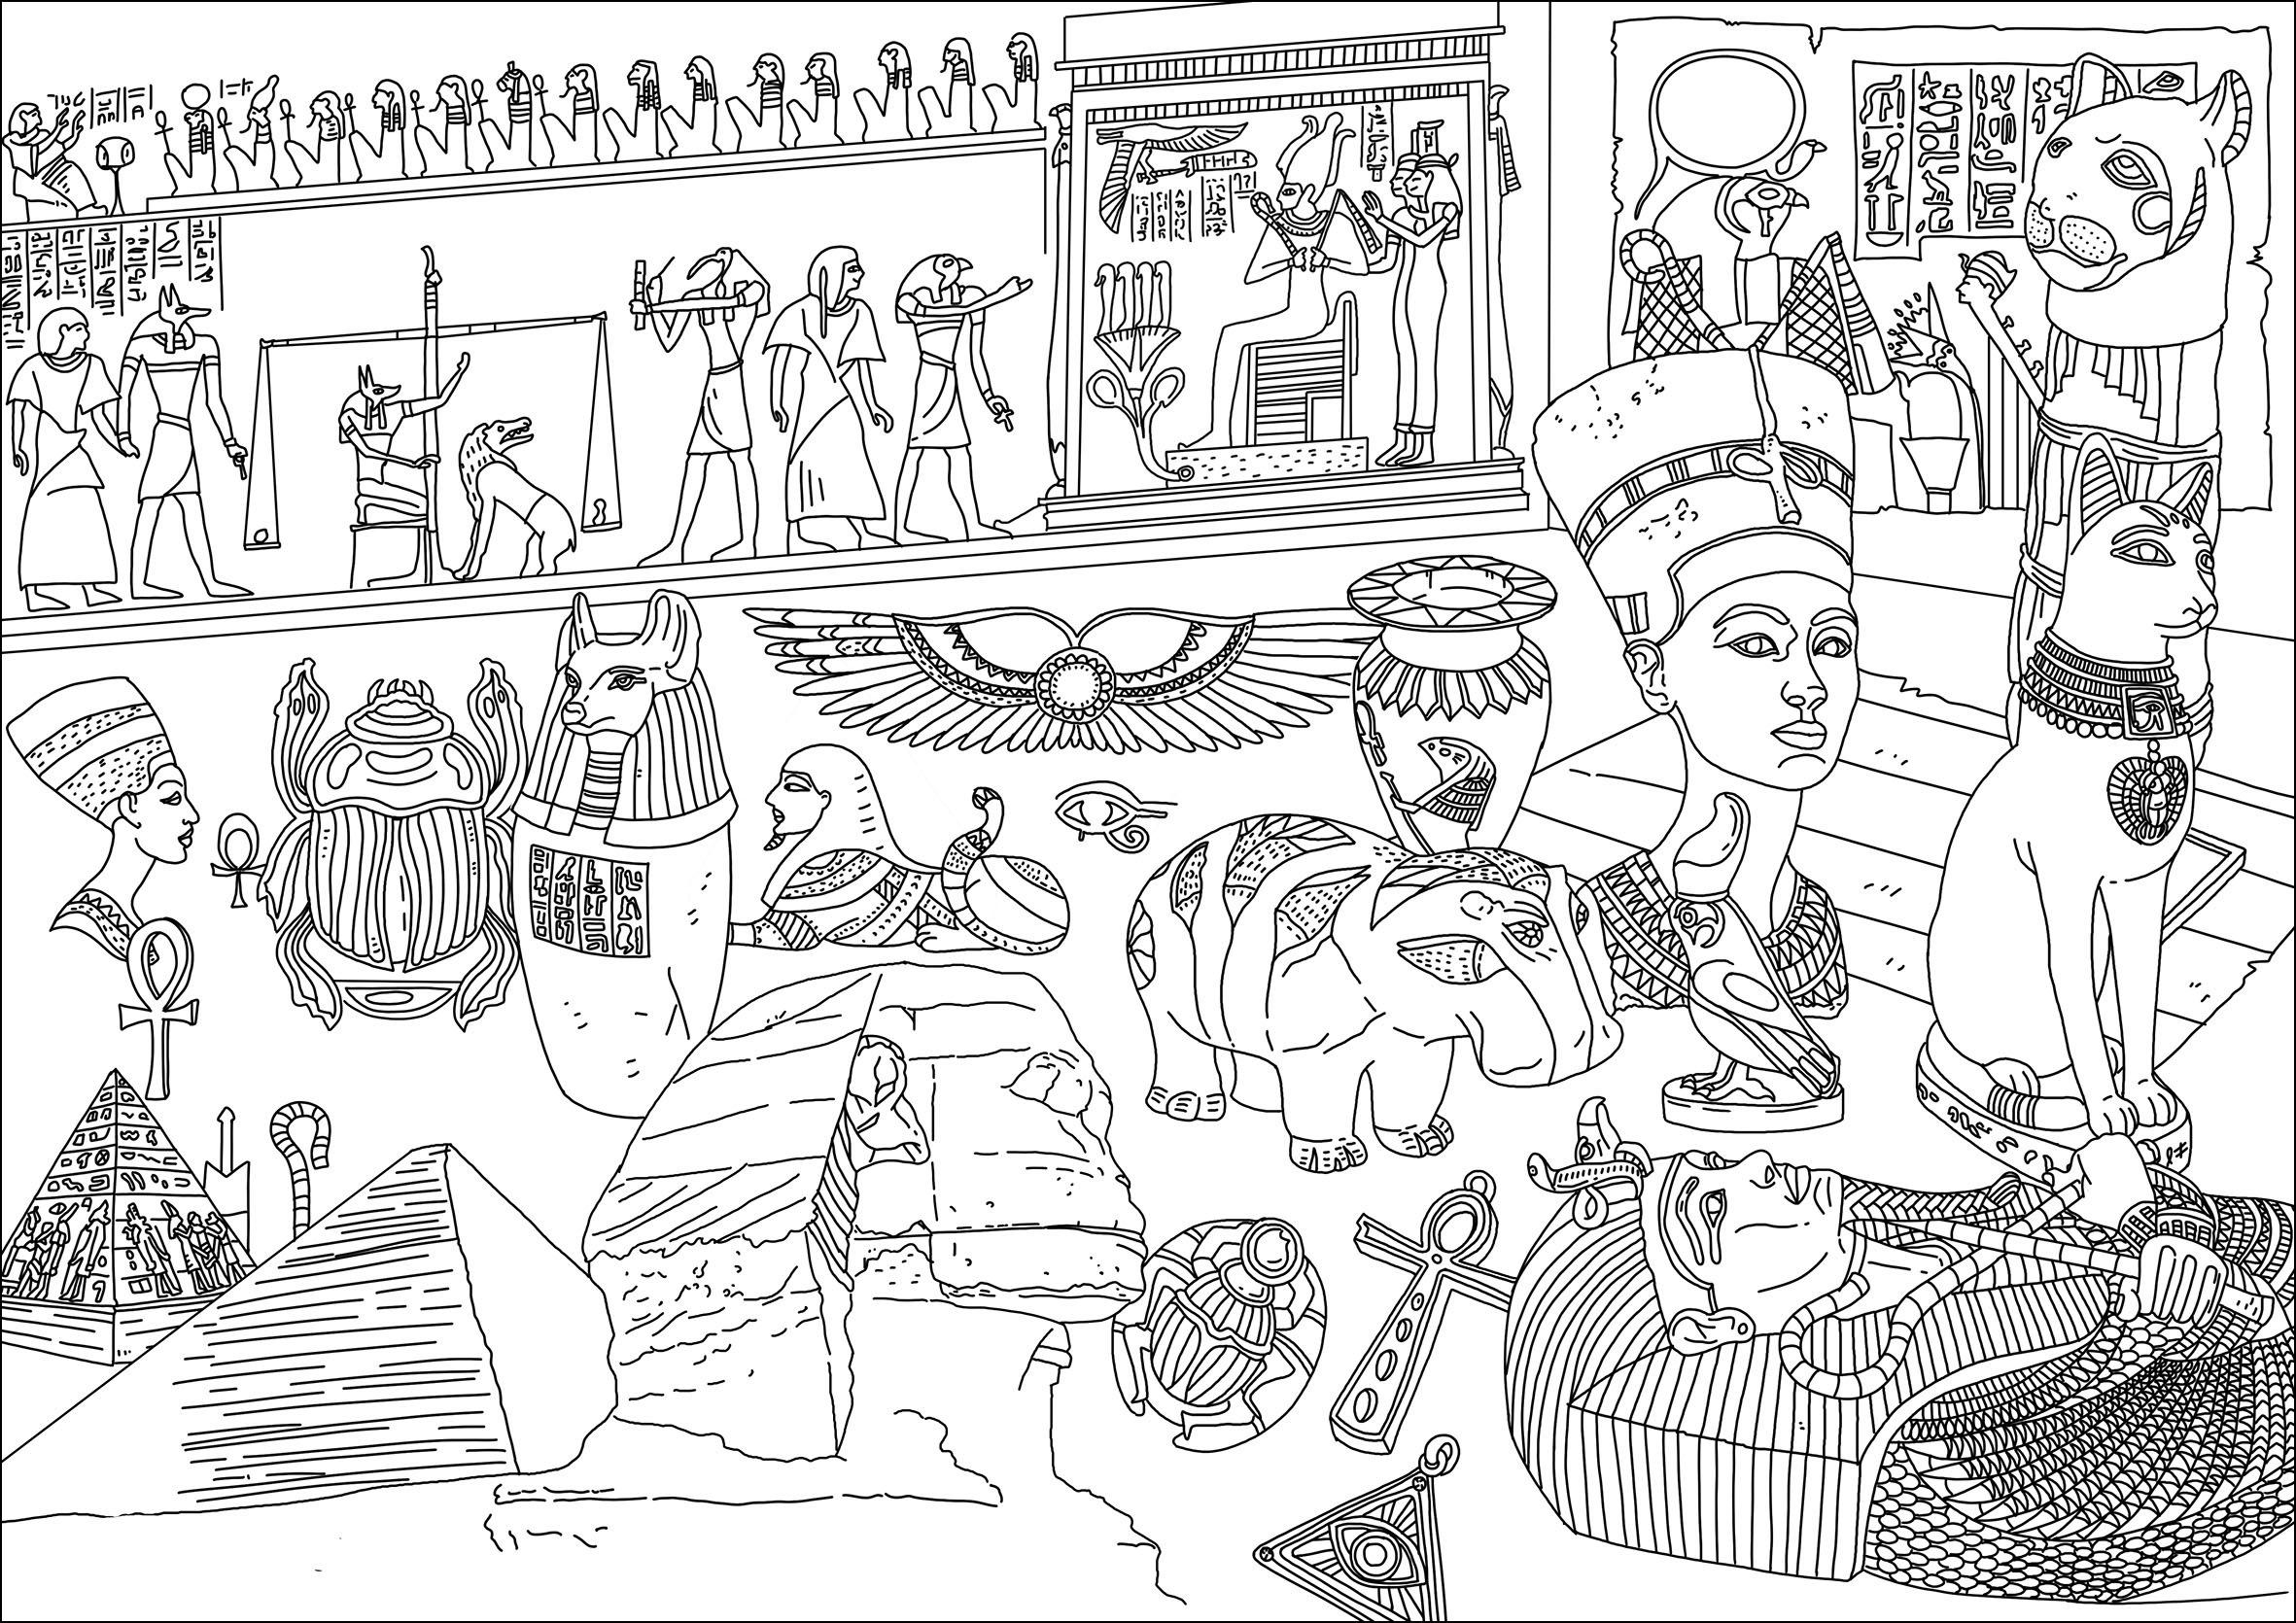 Agypten Und Hieroglyphen 21951 - Ägypten Und Hieroglyphen innen Ausmalbilder Ägypten